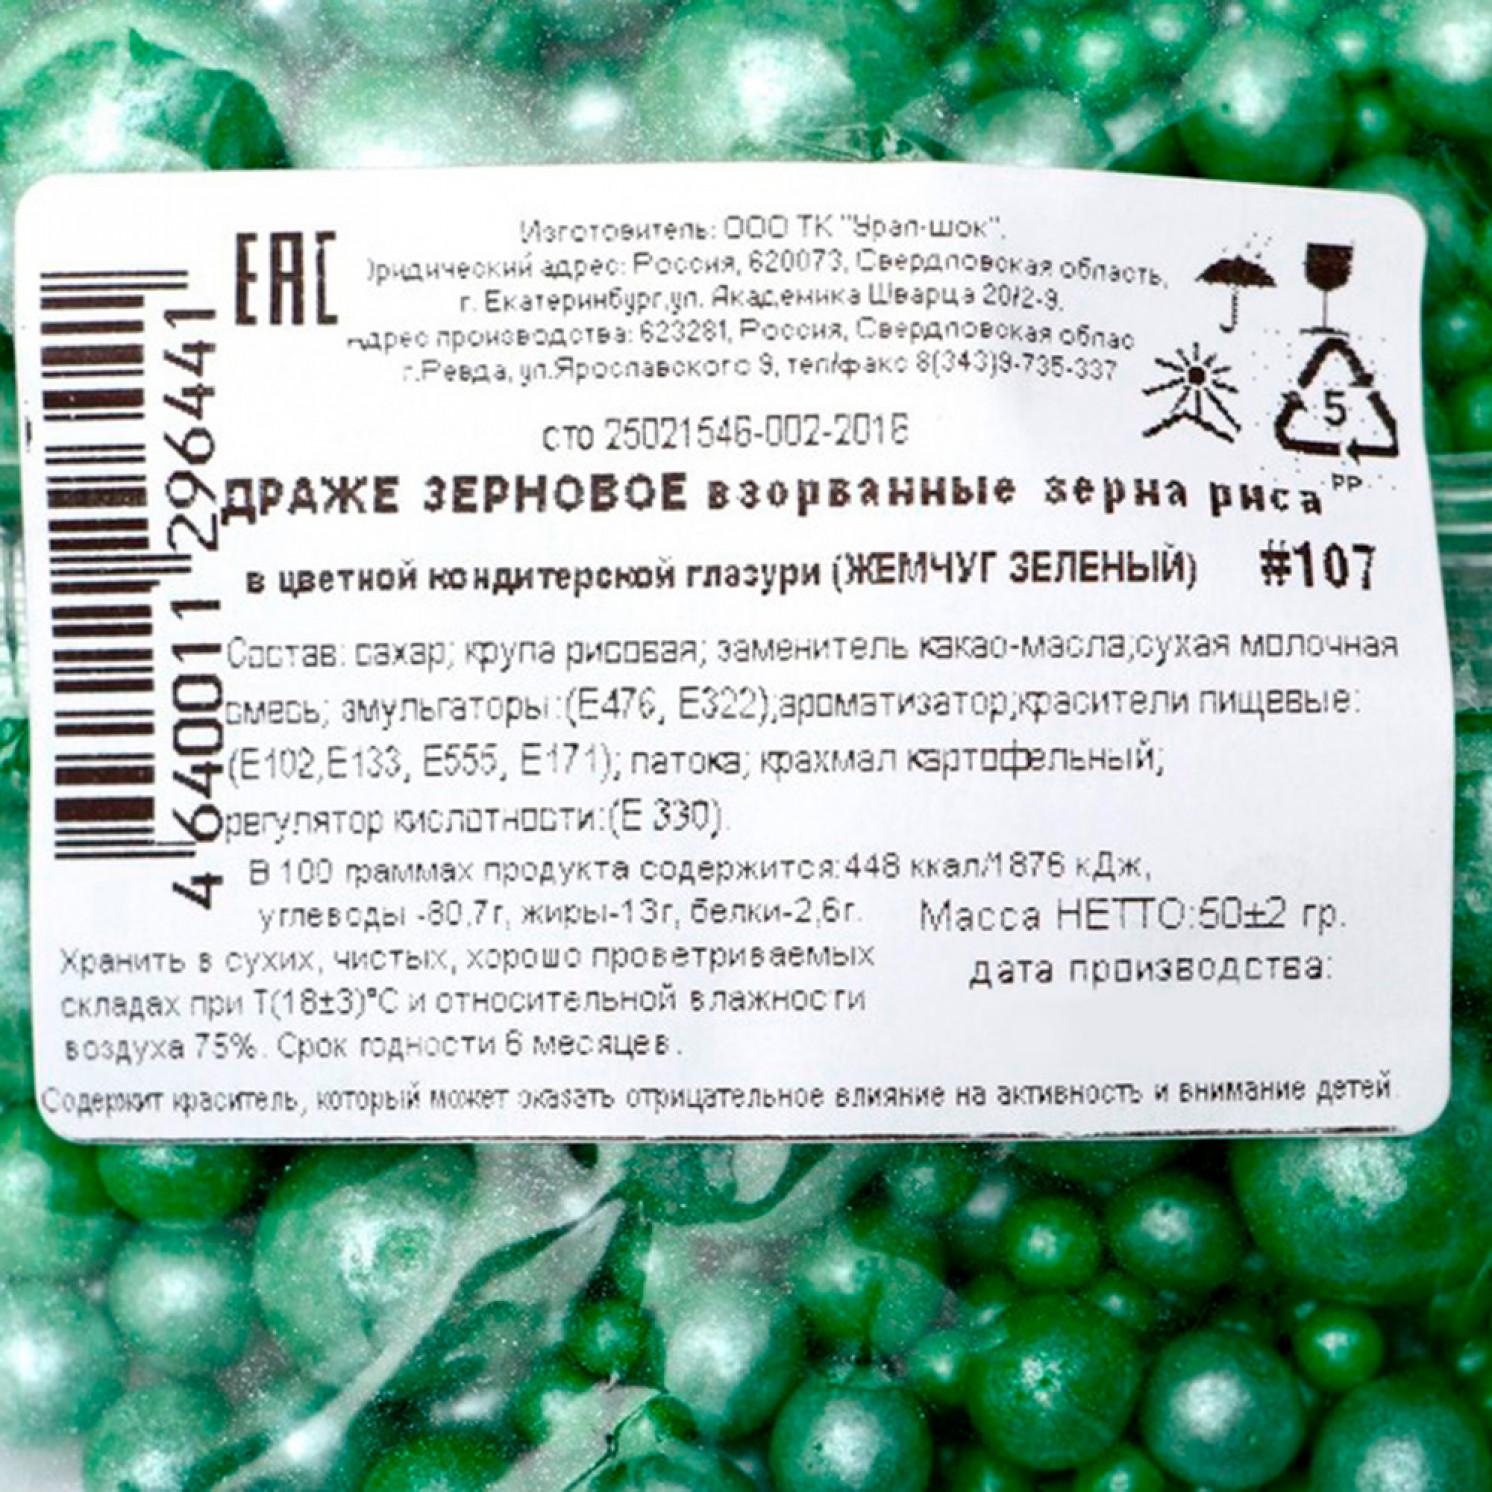 Драже «Жемчуг», взорванные зёрна риса в цветной кондитерской глазури, зелёный, 50 г